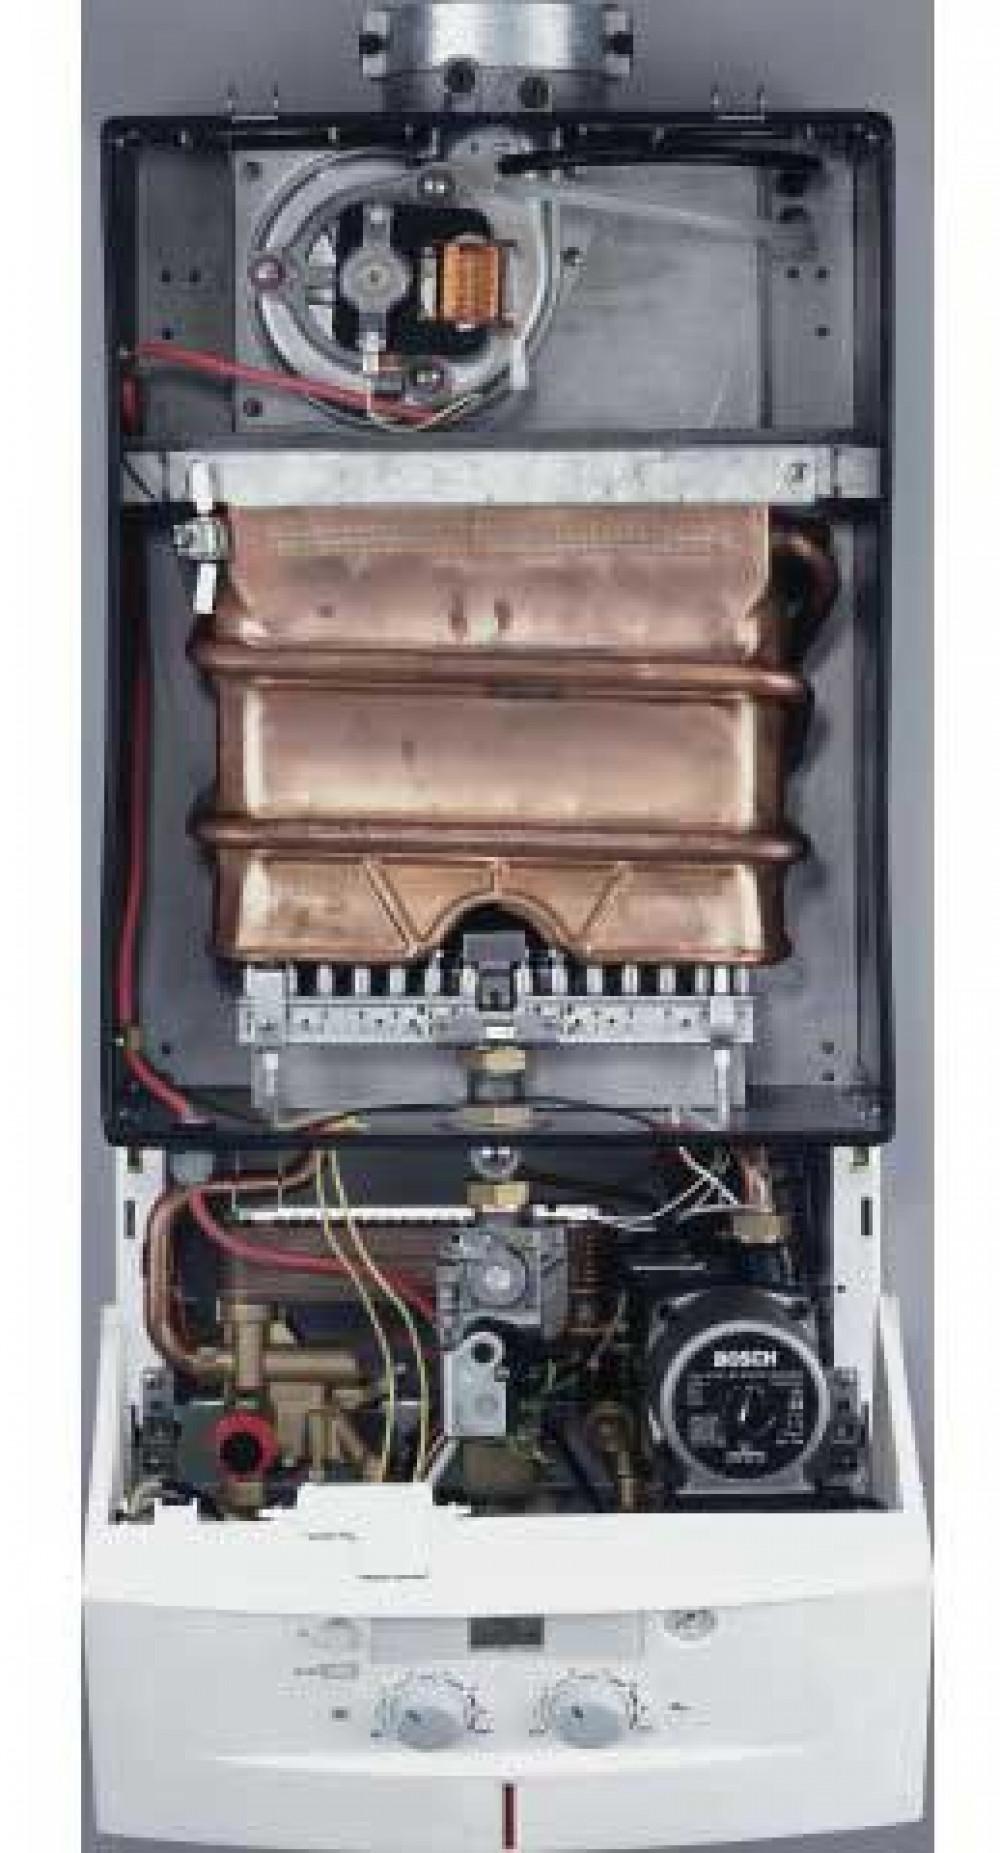 Купить комплектующие теплообменник для газового котла bosch junkers сервис ремонт теплообменник сильфонный тос т 05-2-100-1450-ввг